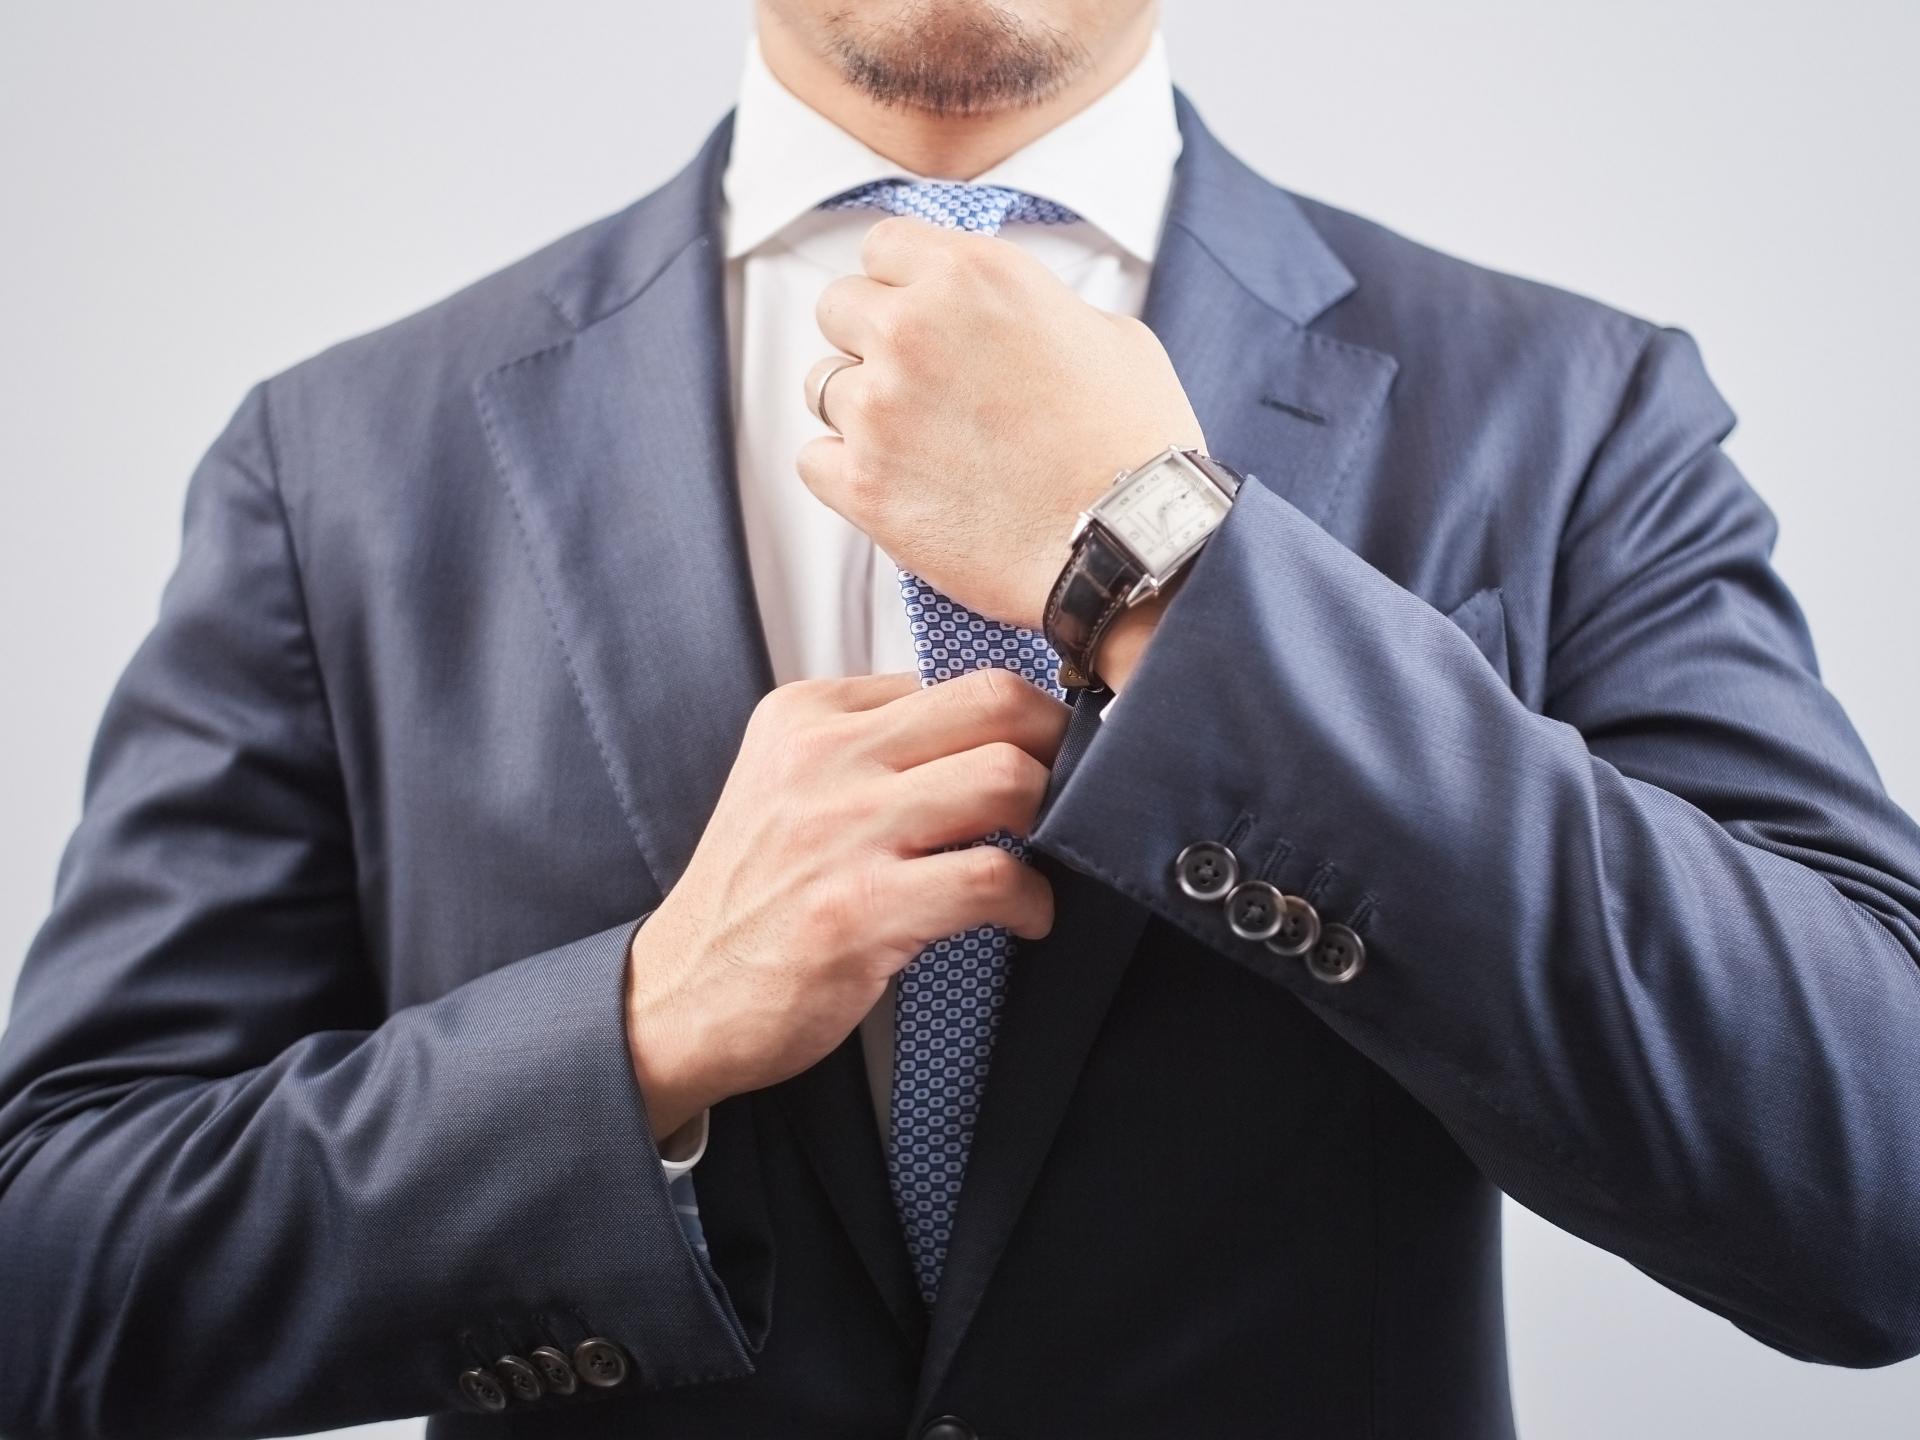 「アポ取り」を成功させる準備力4つのポイント_実践